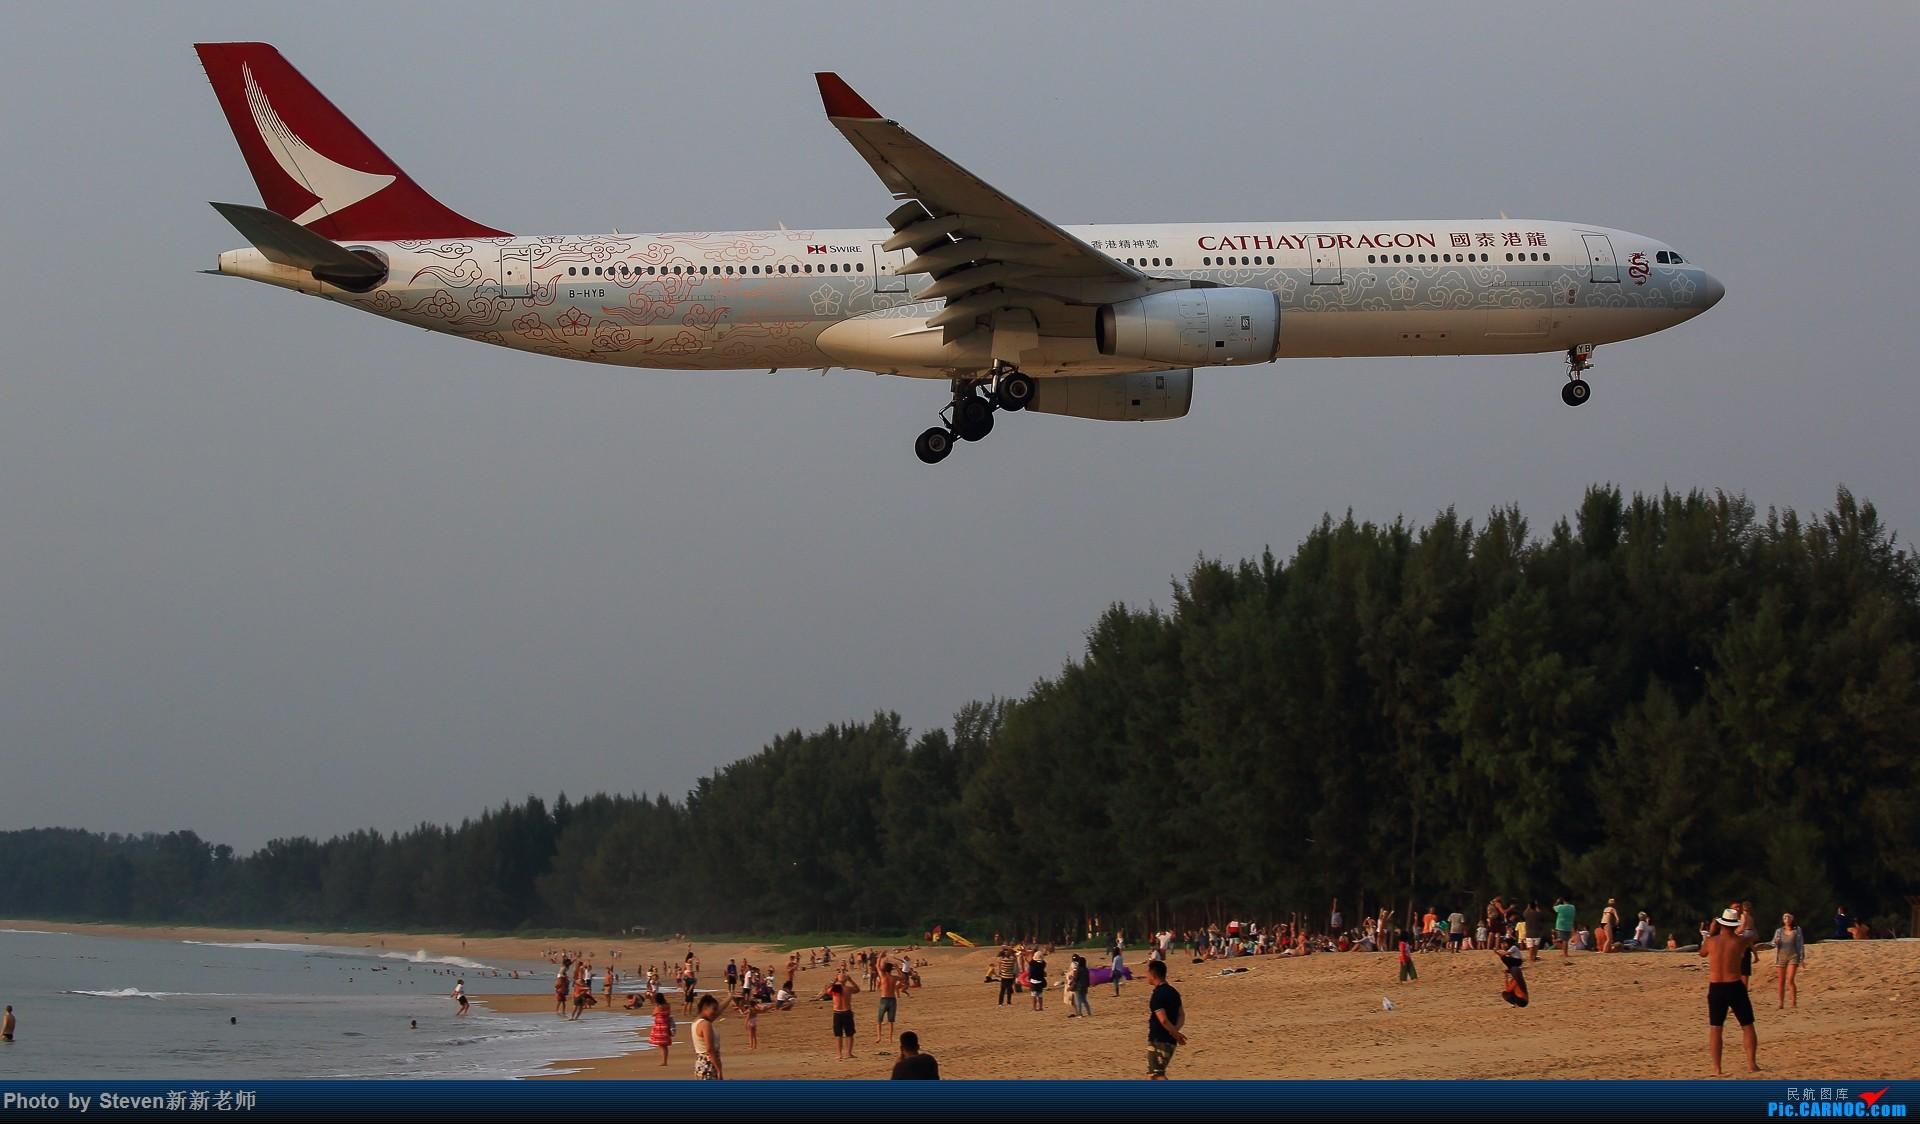 """Re:[原创]亚洲""""圣马丁岛""""—普吉国际机场拍机 AIRBUS A330-300 B-HYB 泰国普吉机场"""